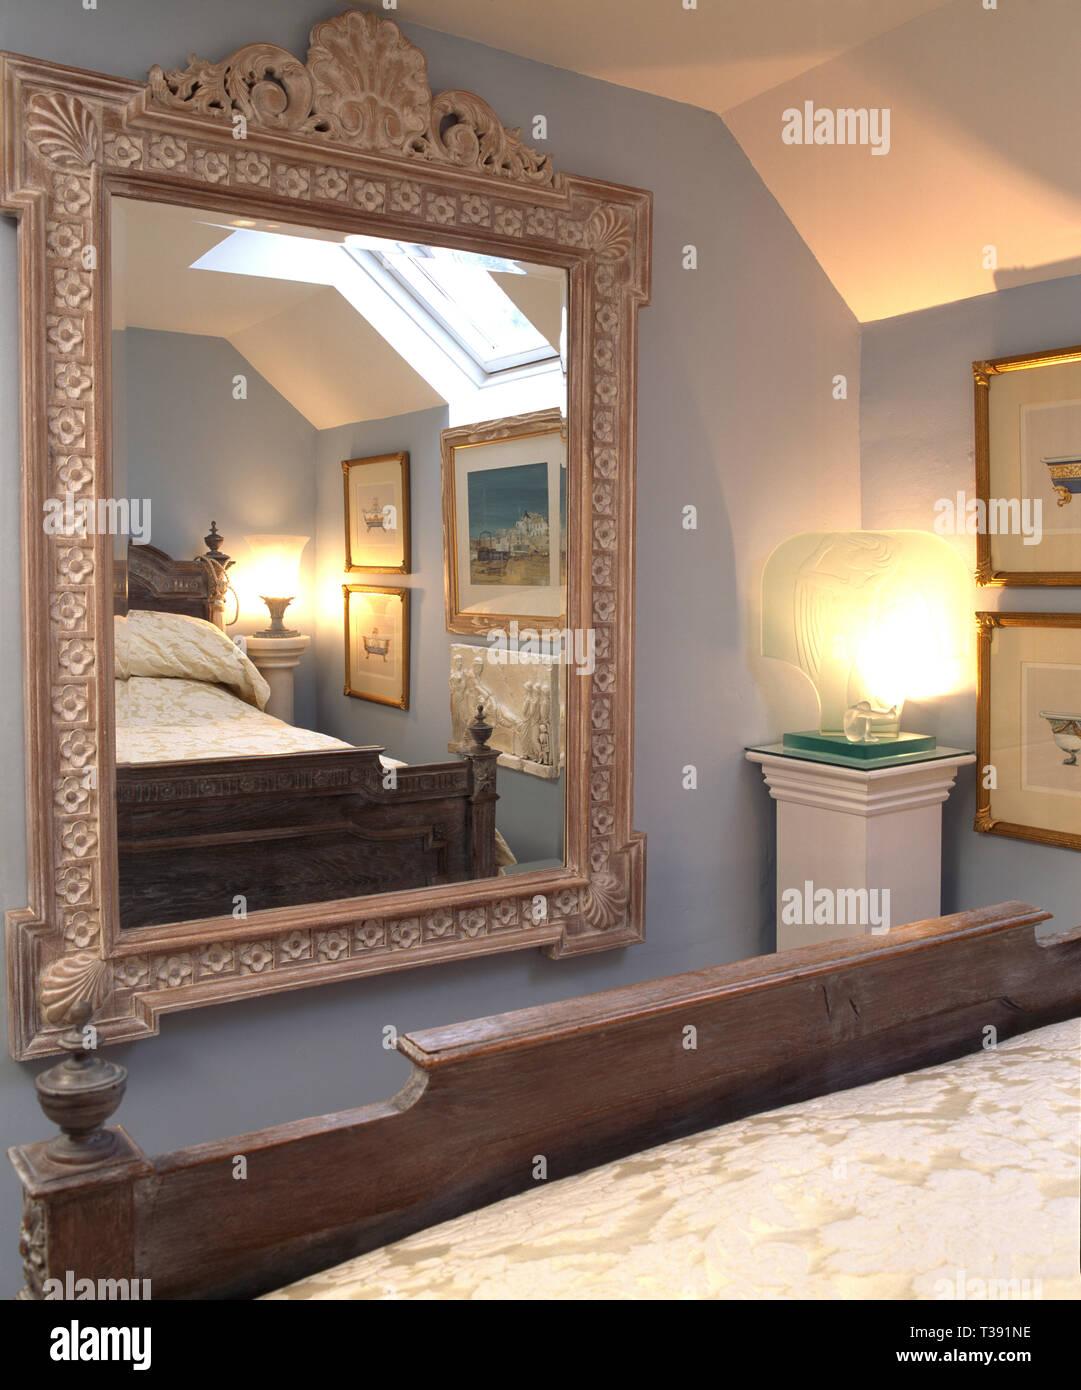 Grosse Gemalte Spiegel Auf Schlafzimmer Wand Stockfotografie Alamy